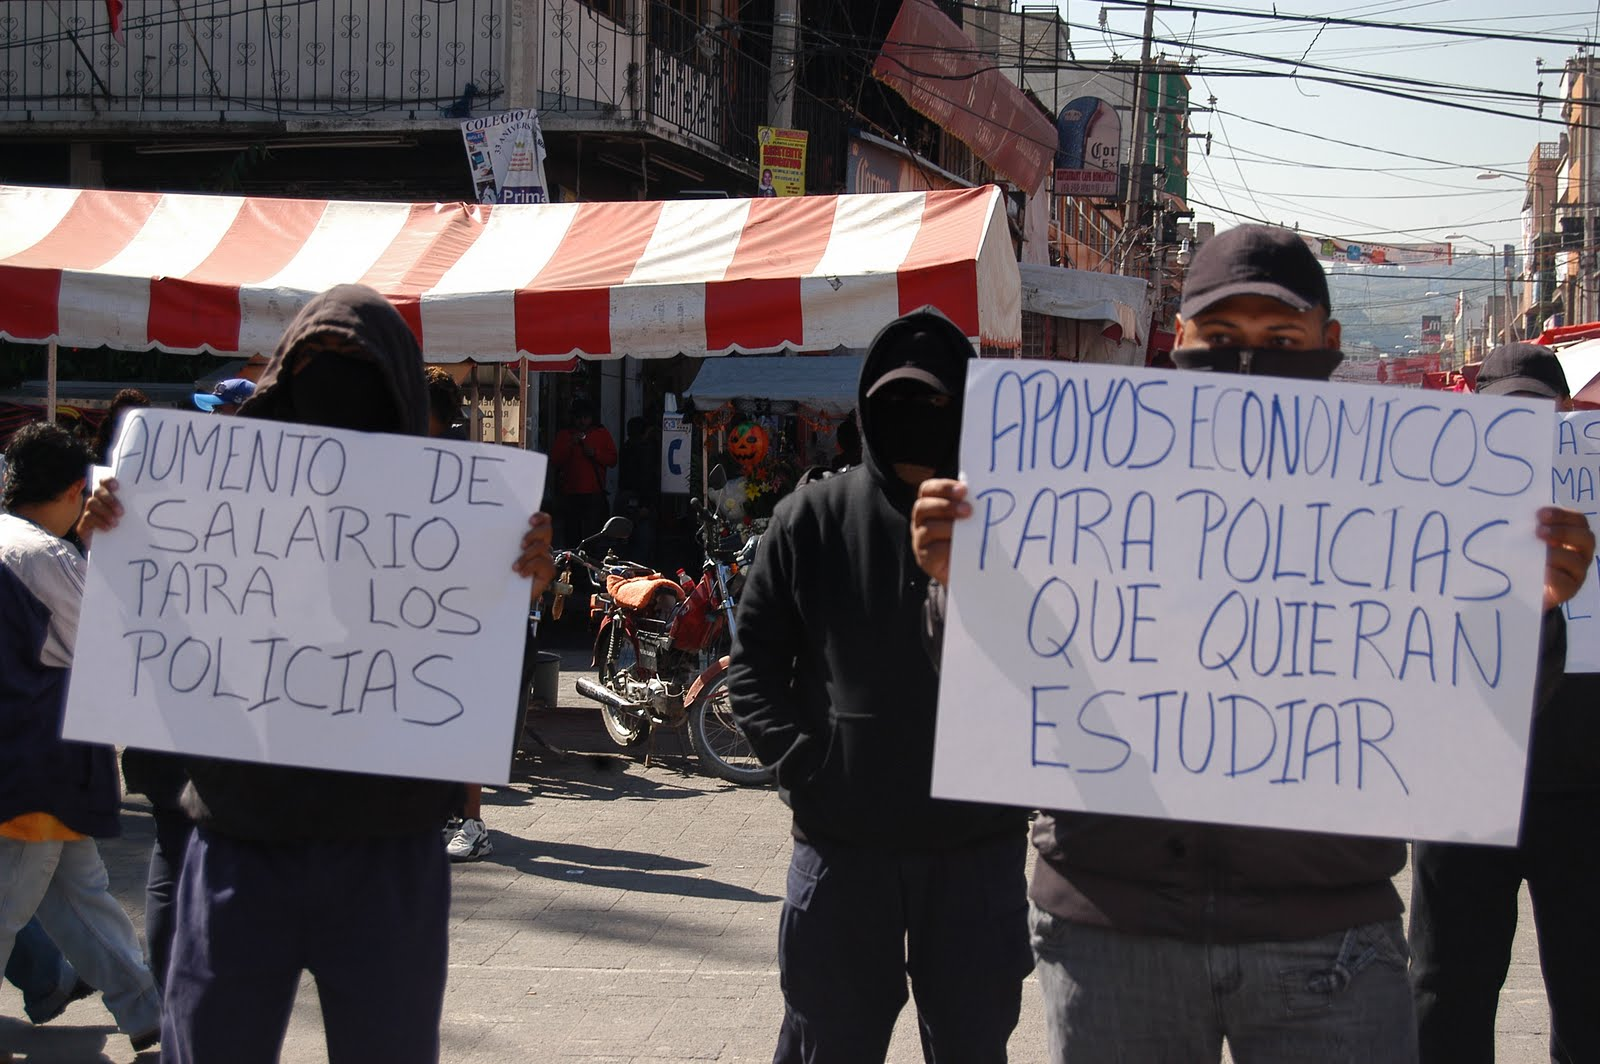 Policías de Los Reyes la Paz denuncian irregularidades   Agencia MANL